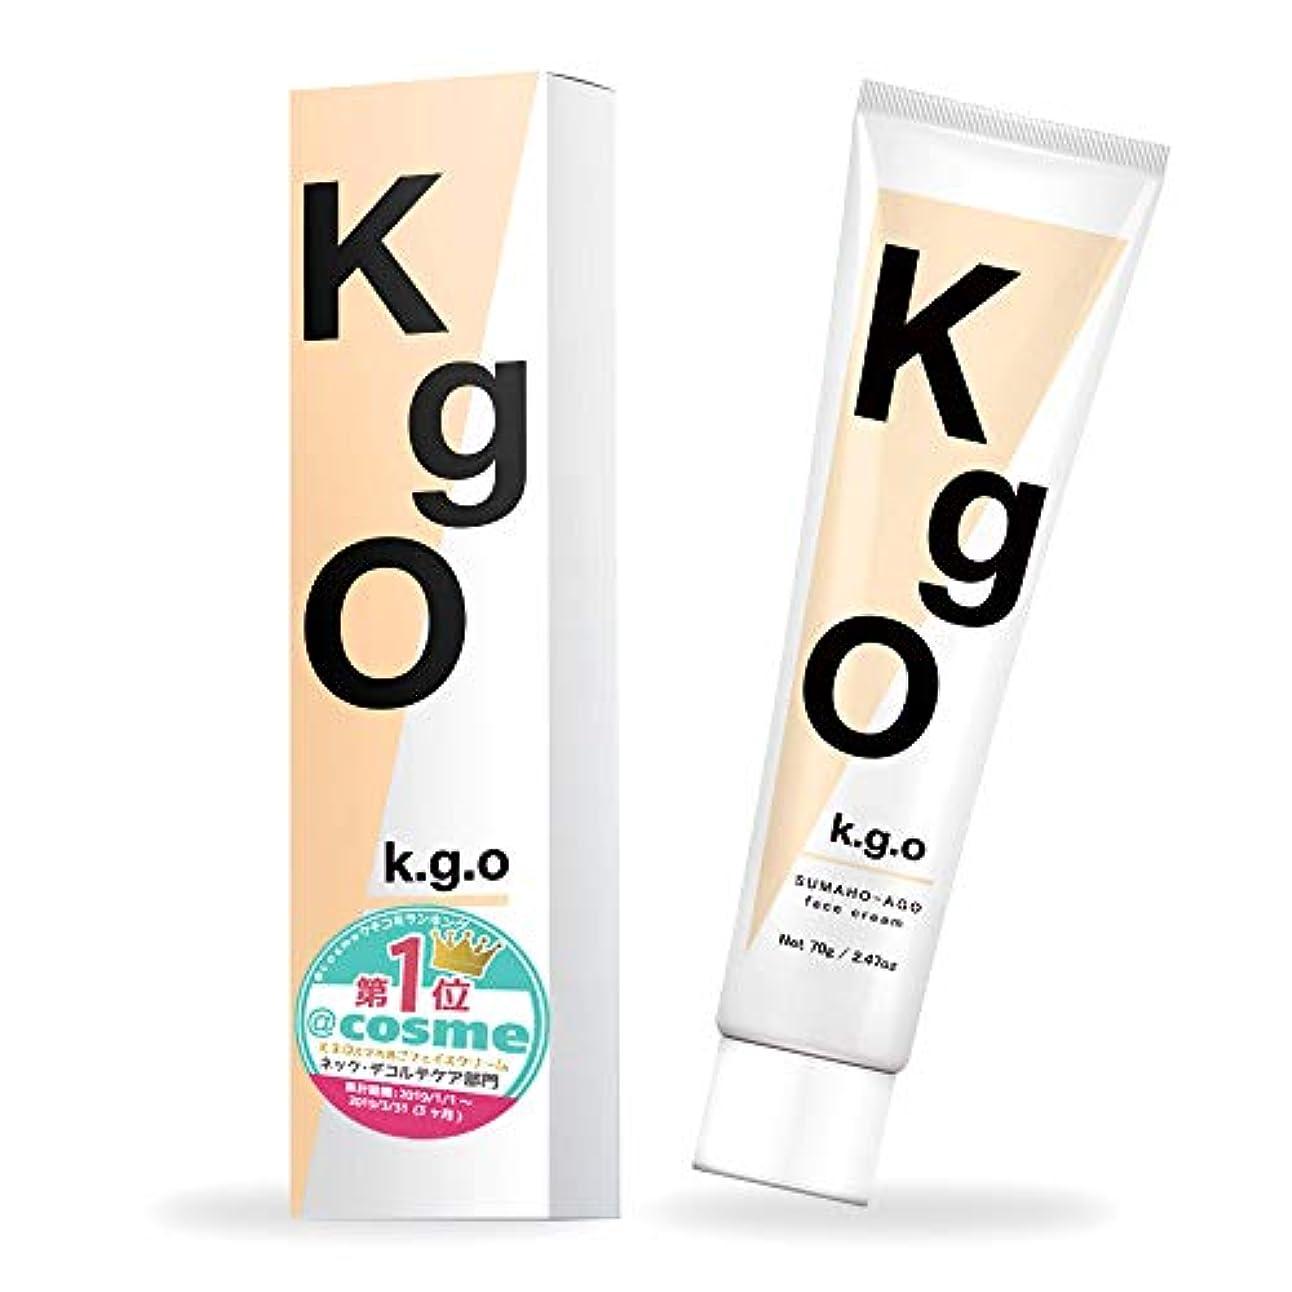 スローガン節約カセットK.g.O SUMAHO-AGO face cream ケージーオー スマホあご フェイスクリーム 70g (単品)